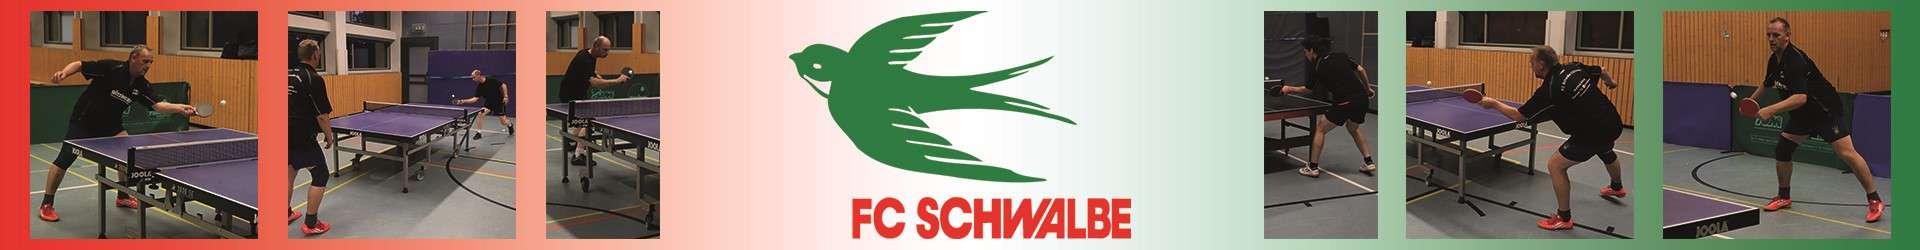 Tischtennis FC Schwalbe